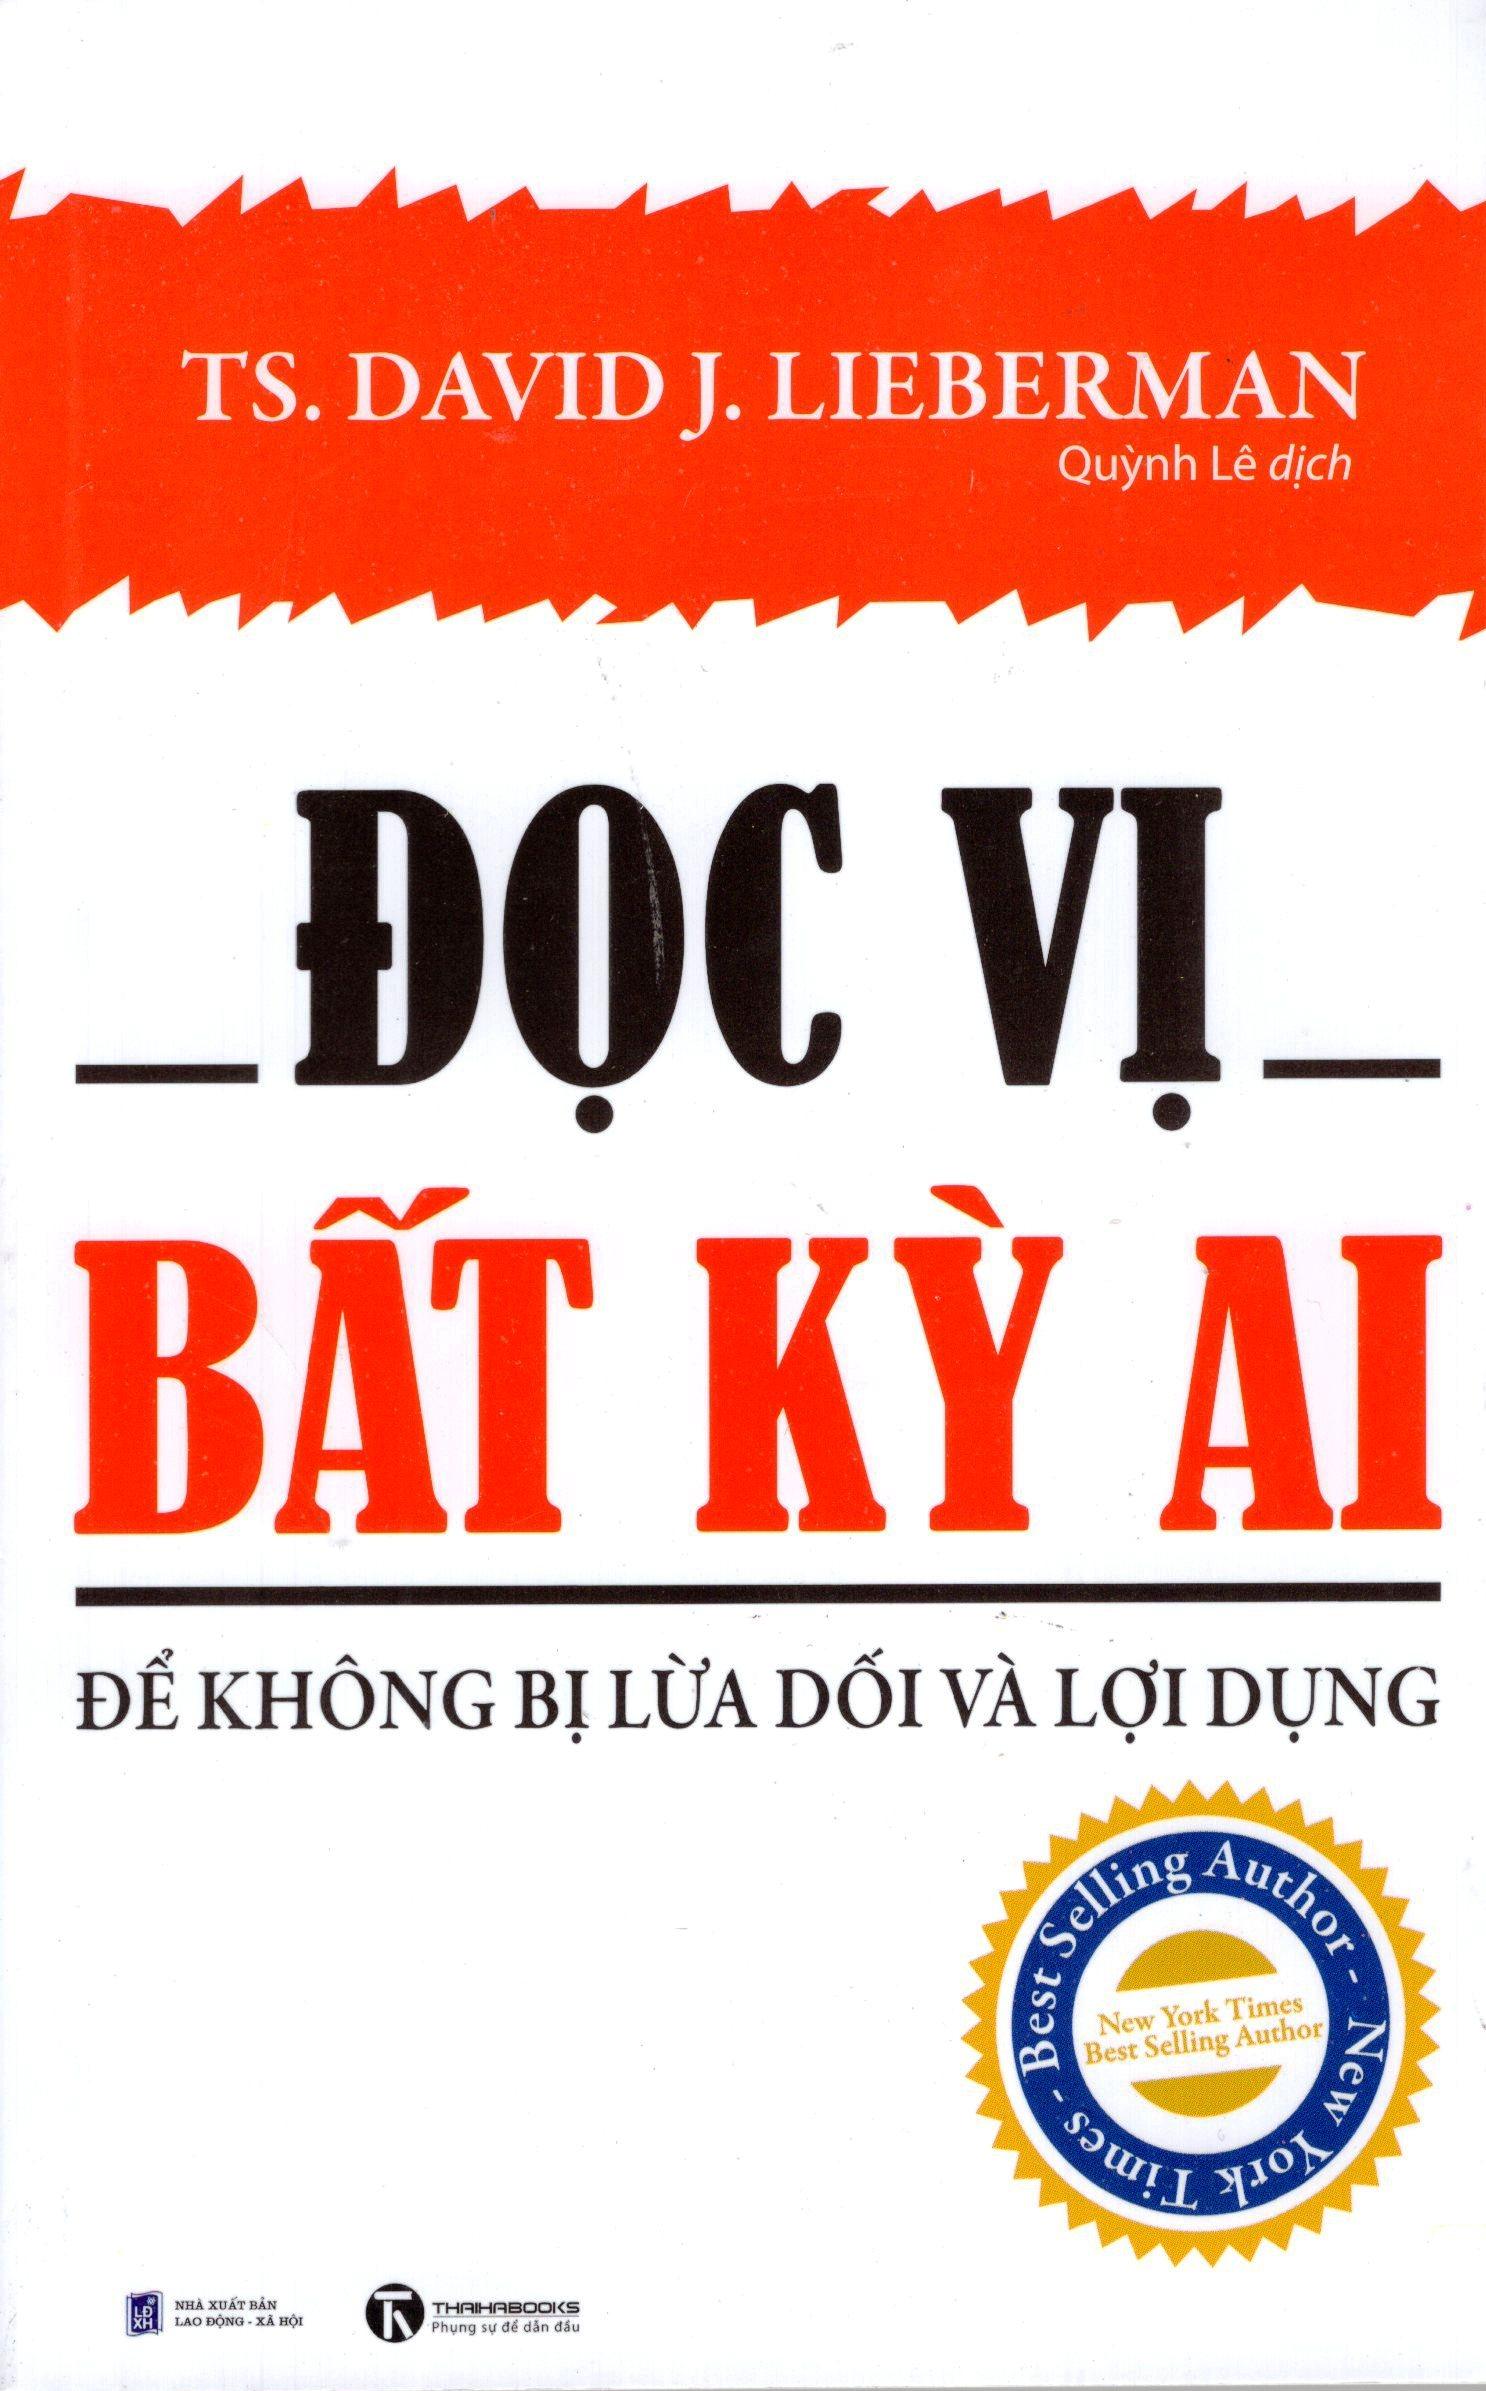 Bìa sách Đọc Vị Bất Kỳ Ai - Để Không Bị Lừa Dối Và Lợi Dụng